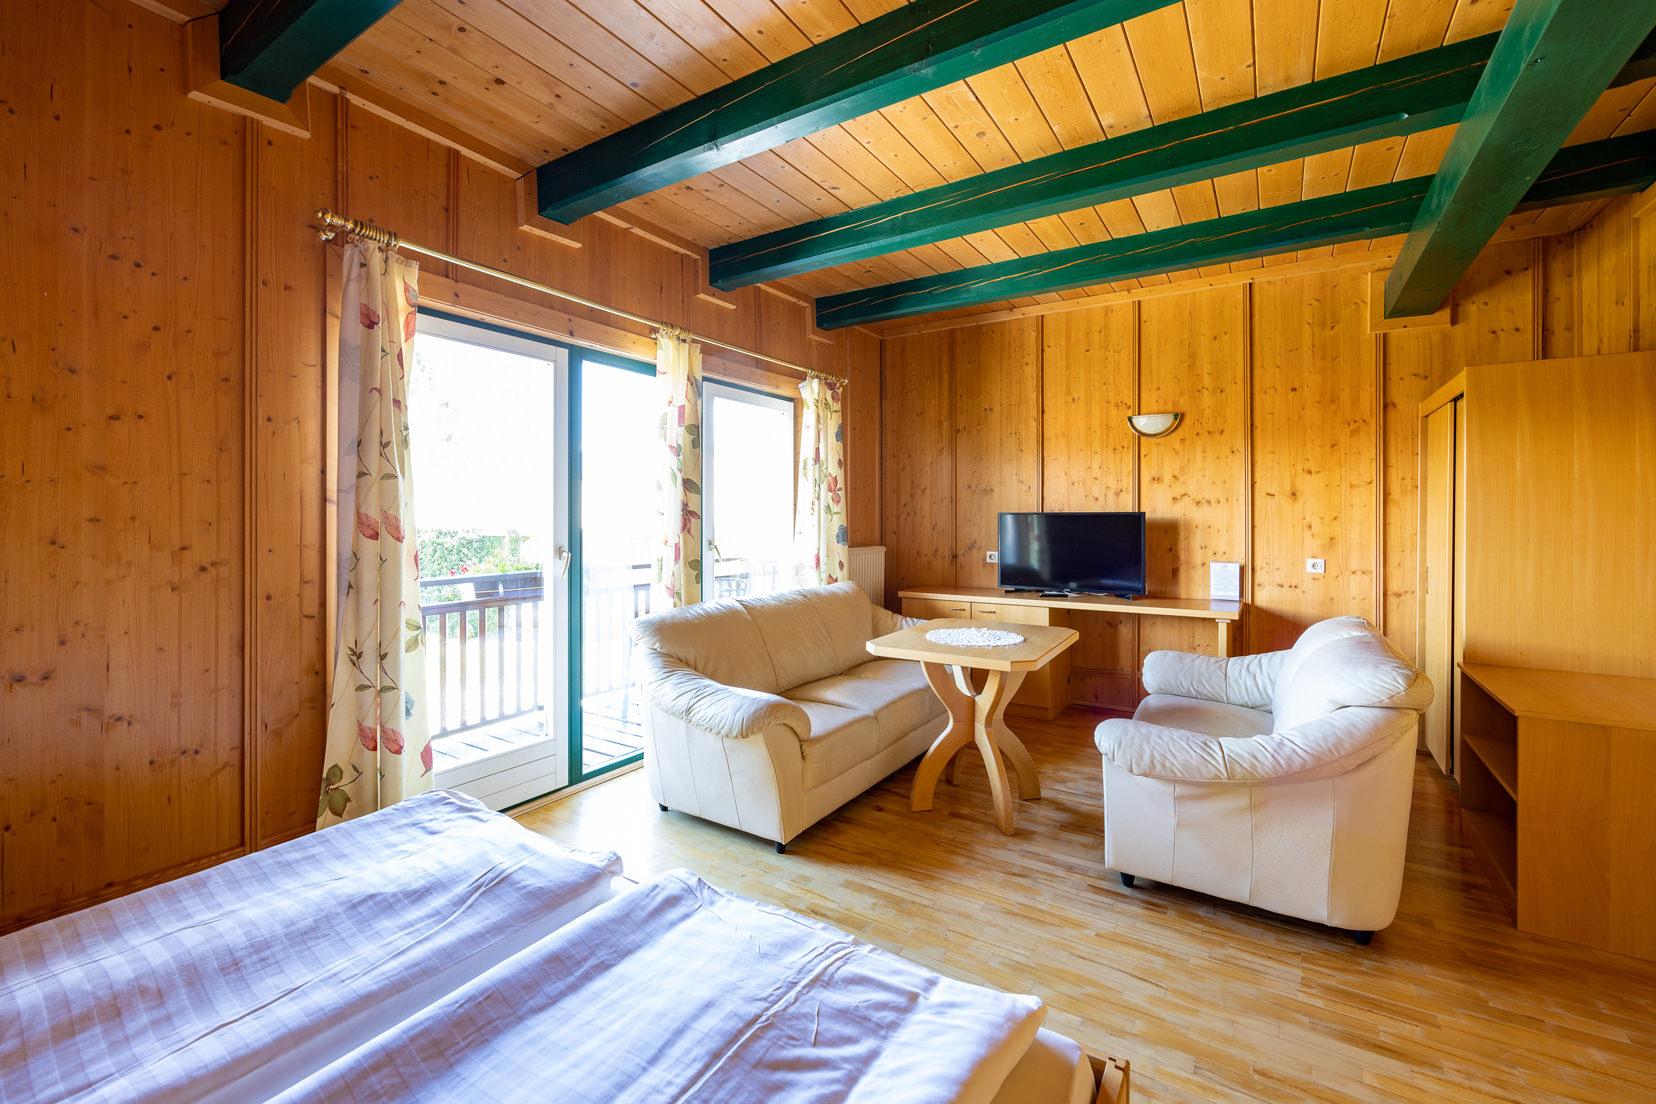 Zimmer mit Ausstattung | © Naturhotel Enzianhof